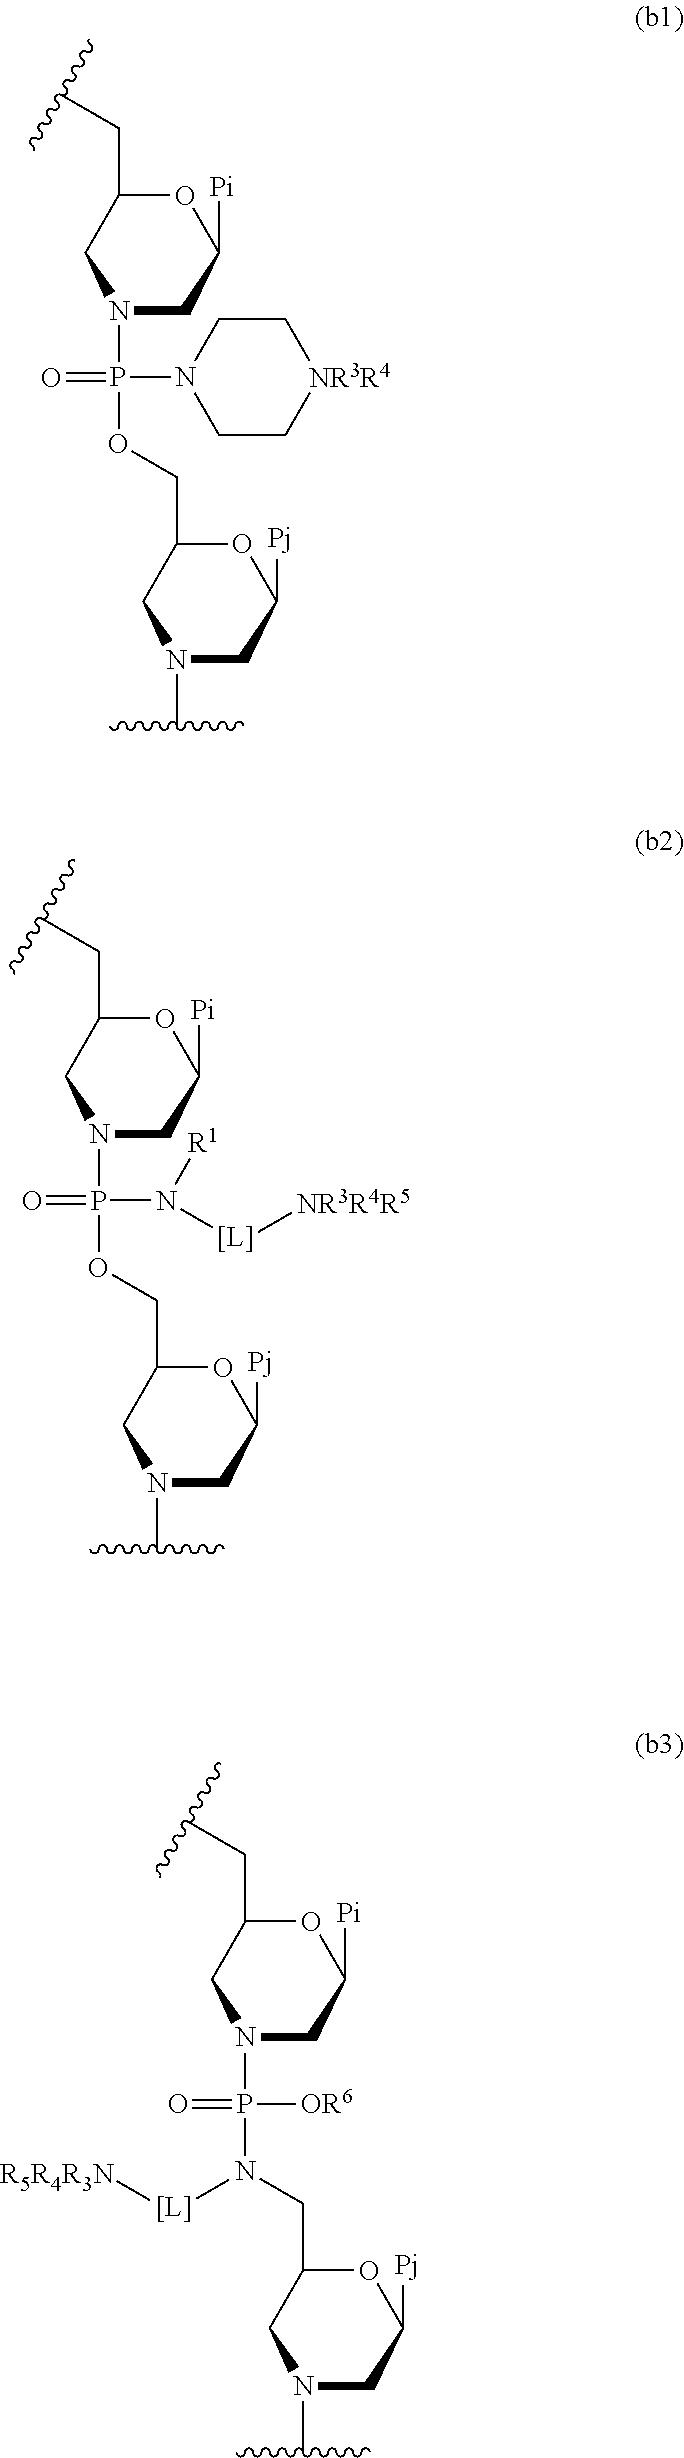 Figure US20100016215A1-20100121-C00002